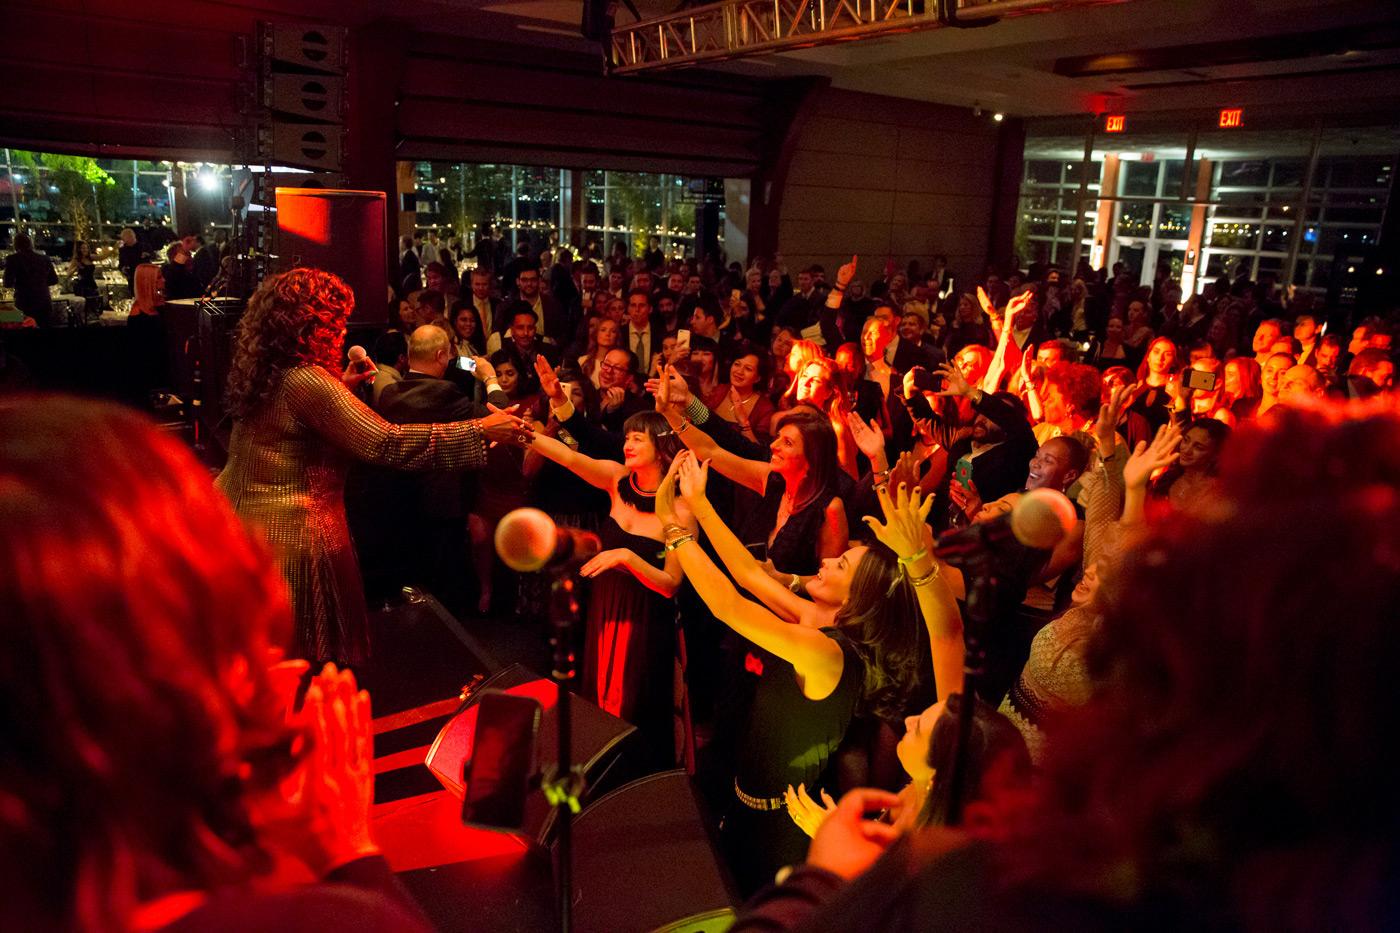 Partygoers dancing